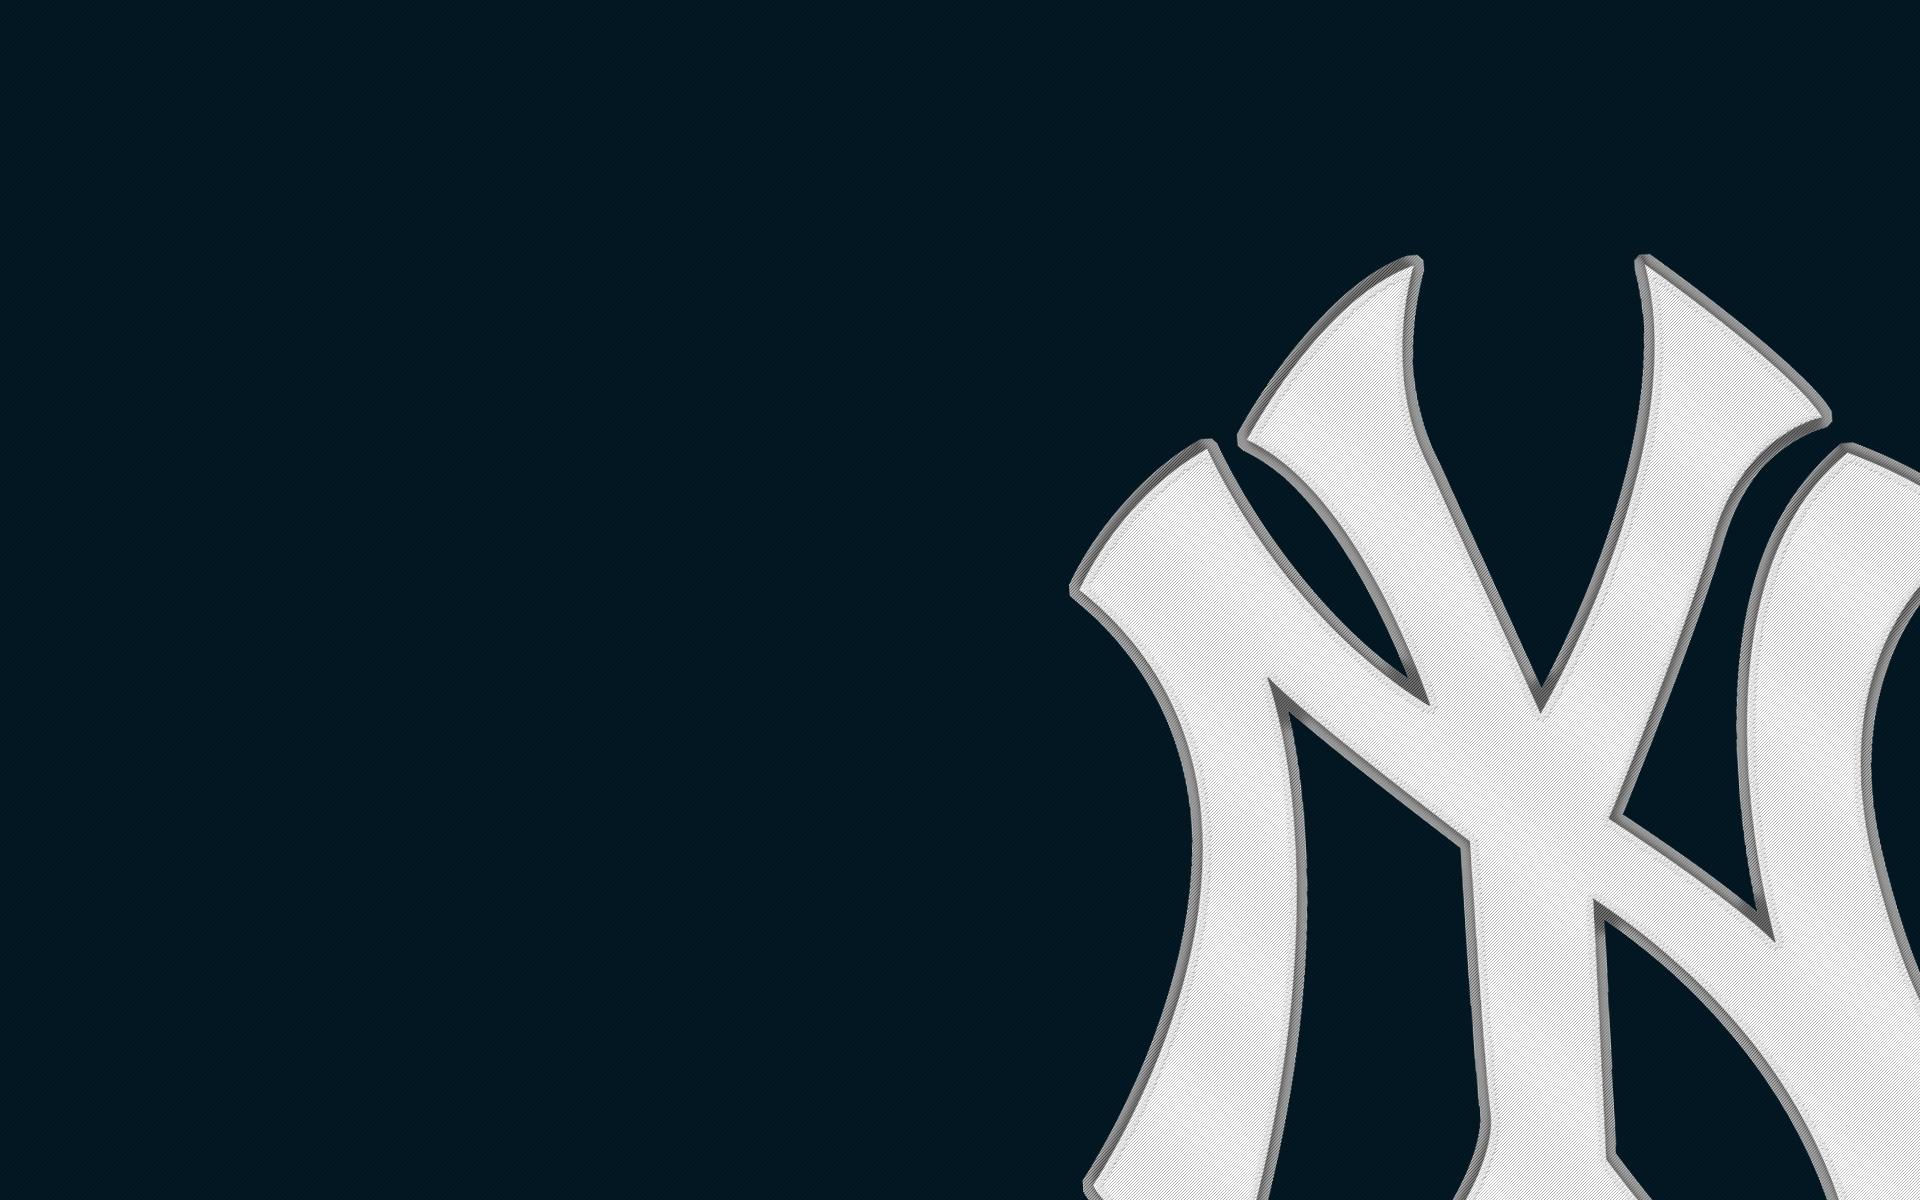 49 Buy New York Yankees Wallpaper On Wallpapersafari